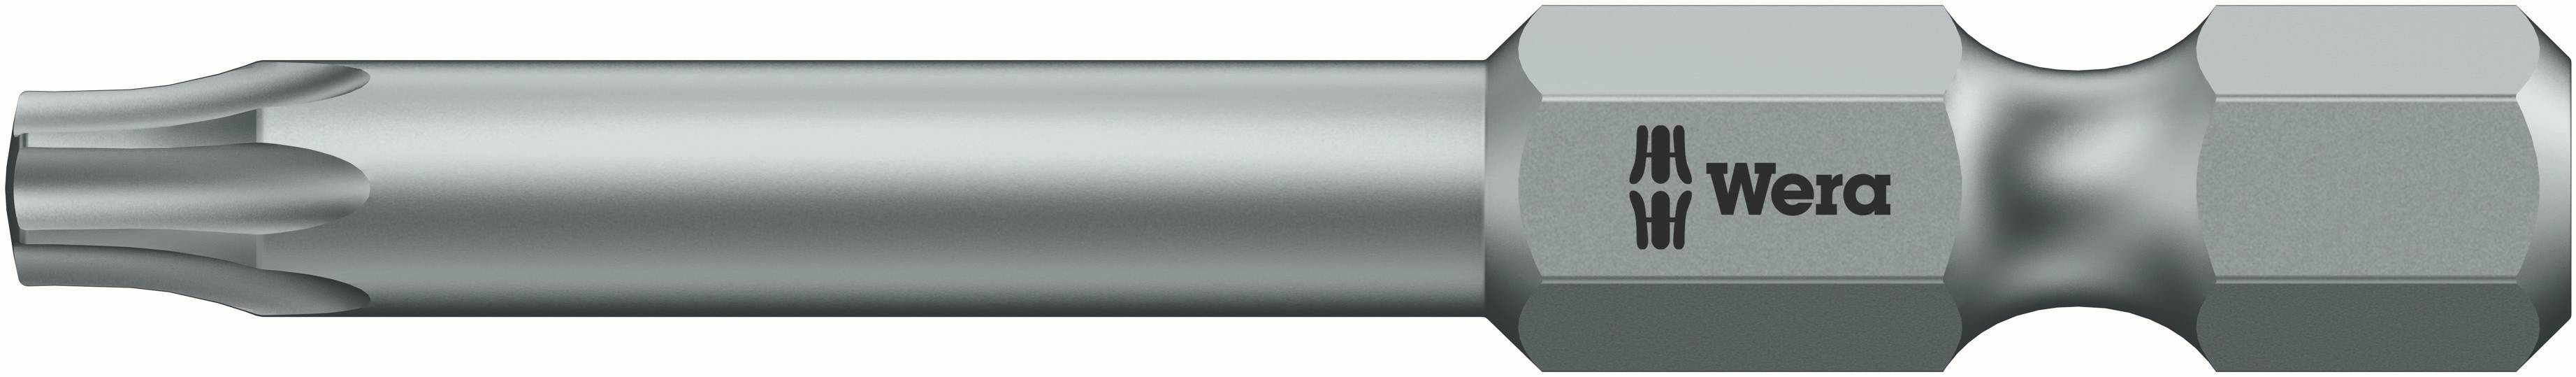 Bit Torx Wera 867 / 4 Z TORX 20 X 70 MM 05060110001, 70 mm, nástrojová oceľ, legované, 1 ks